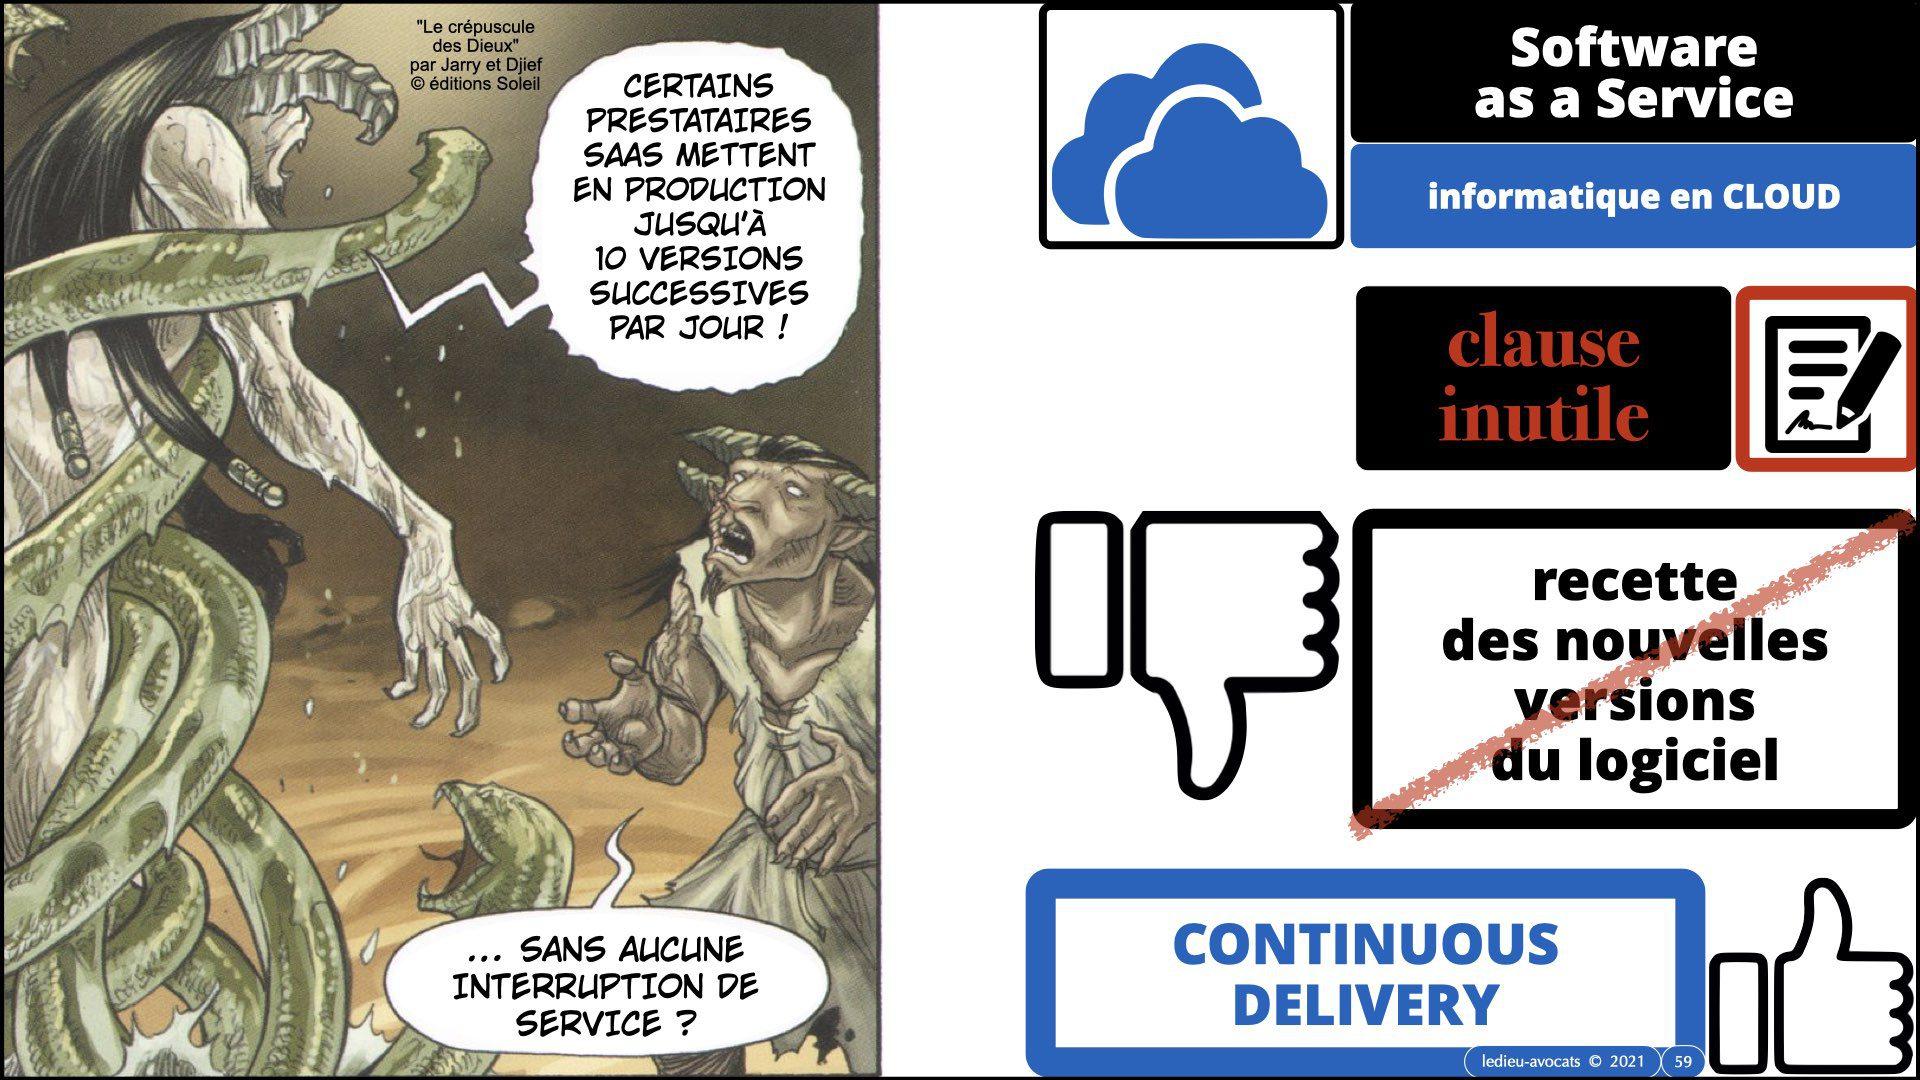 343 service LOGICIEL SaaS Software-as-a-Service cloud computing © Ledieu-Avocats technique droit numerique 30-08-2021.059